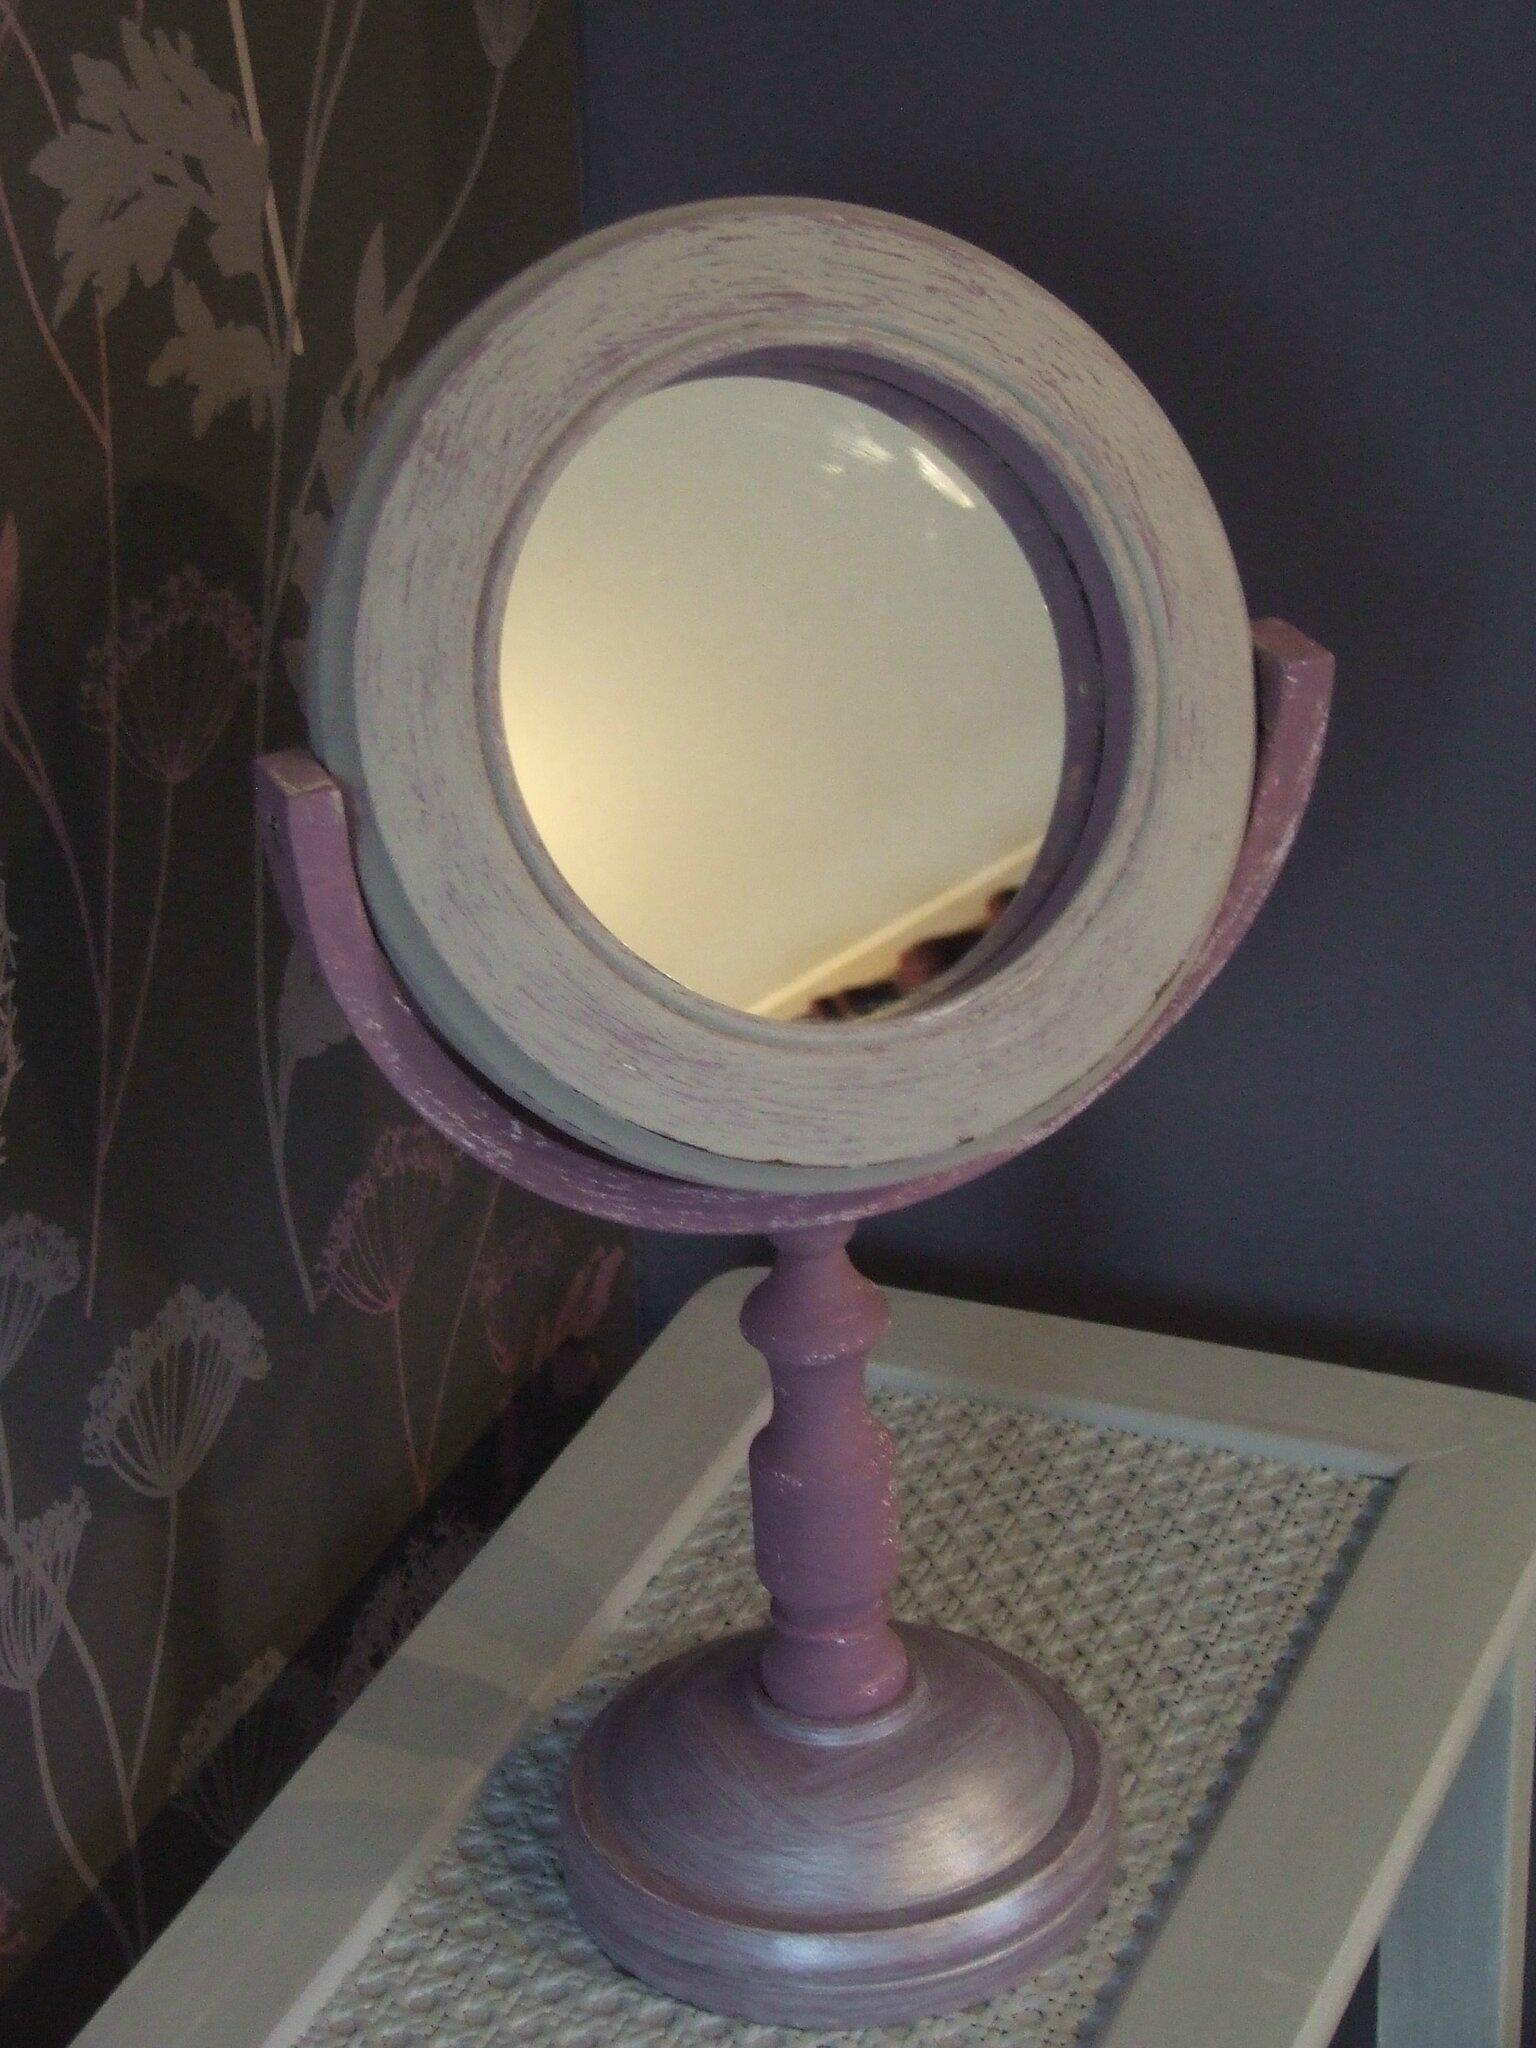 Un miroir sur pied romantique et so girly!